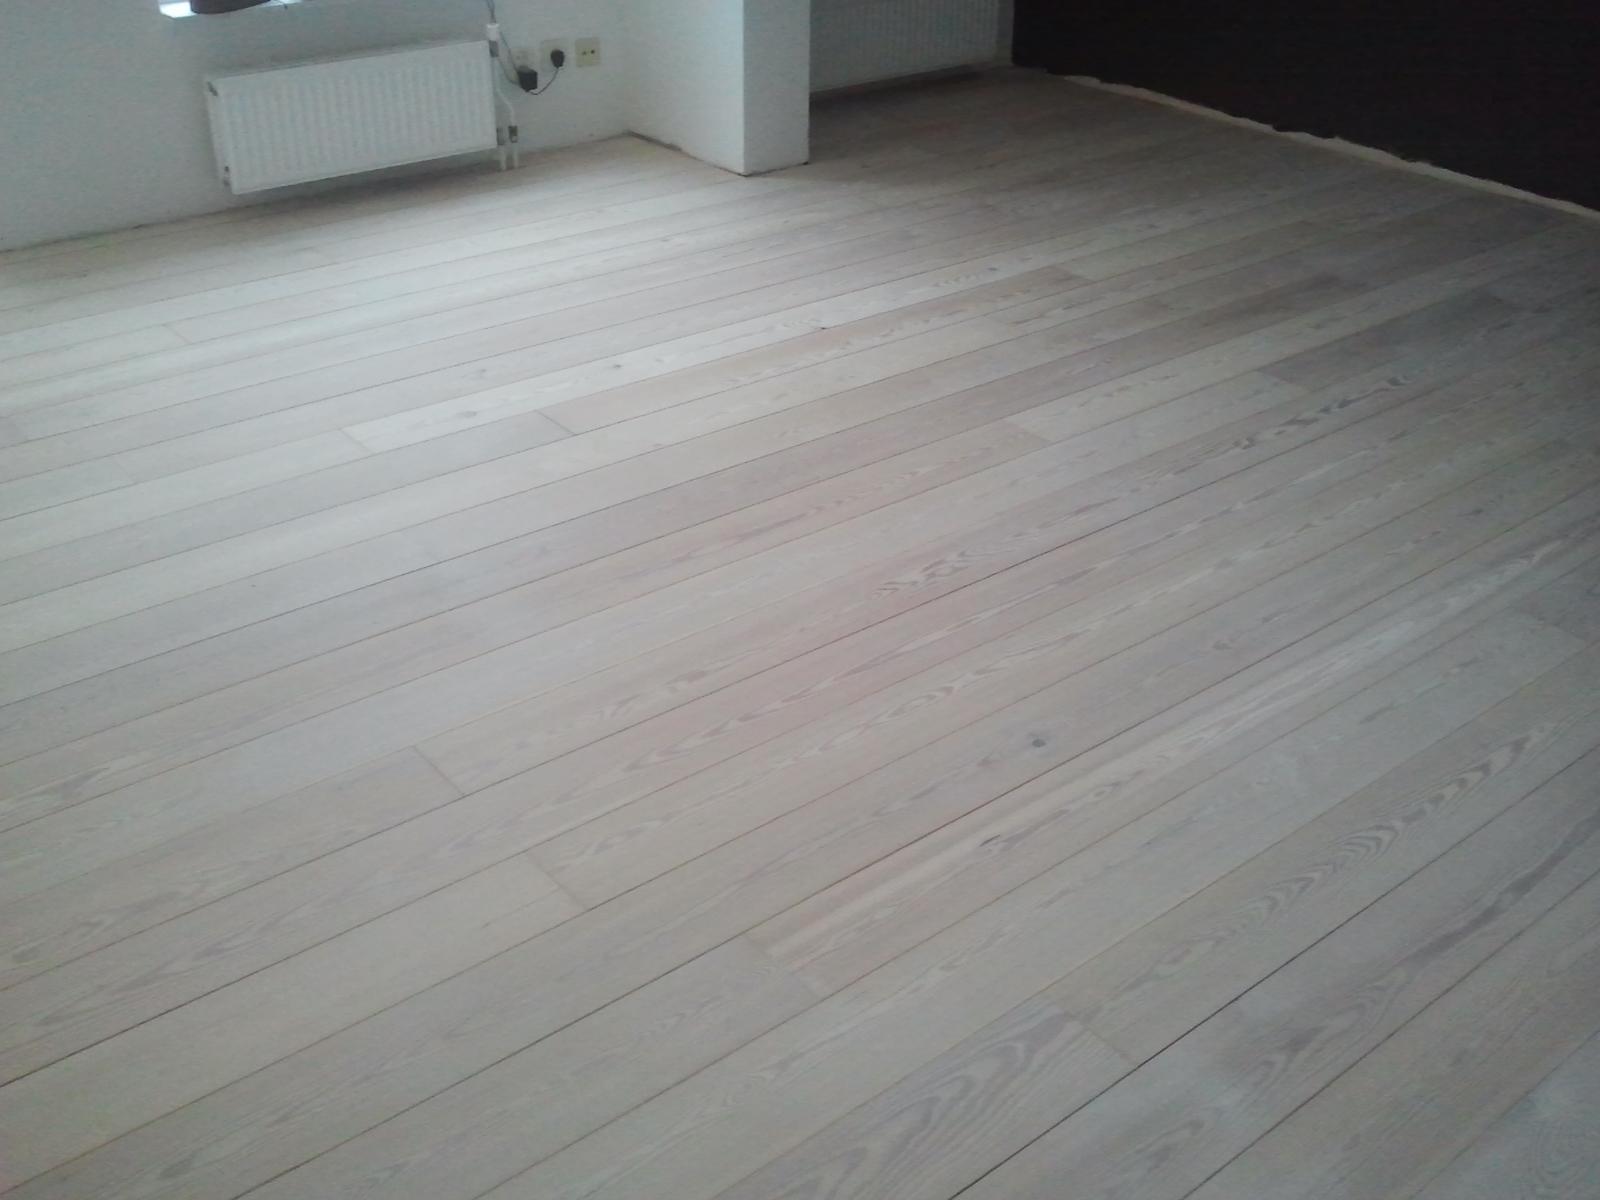 Eiken Vloer Beitsen : Het beitsen van een houten vloer onderhoud van parket.nl